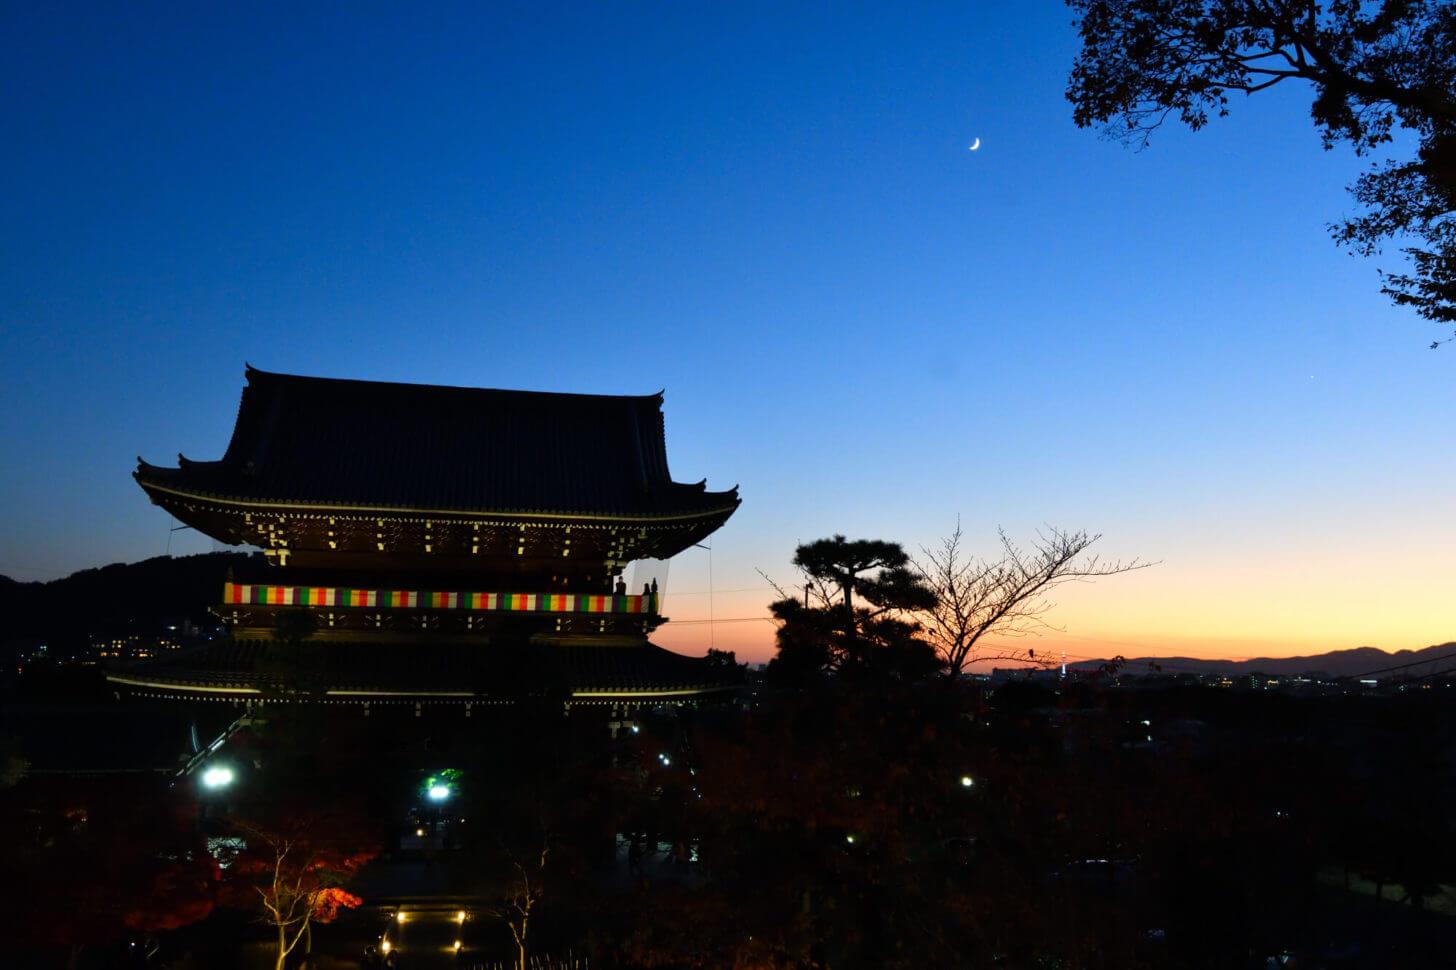 金戒光明寺 山門ライトアップの向こうに三日月と京都タワー